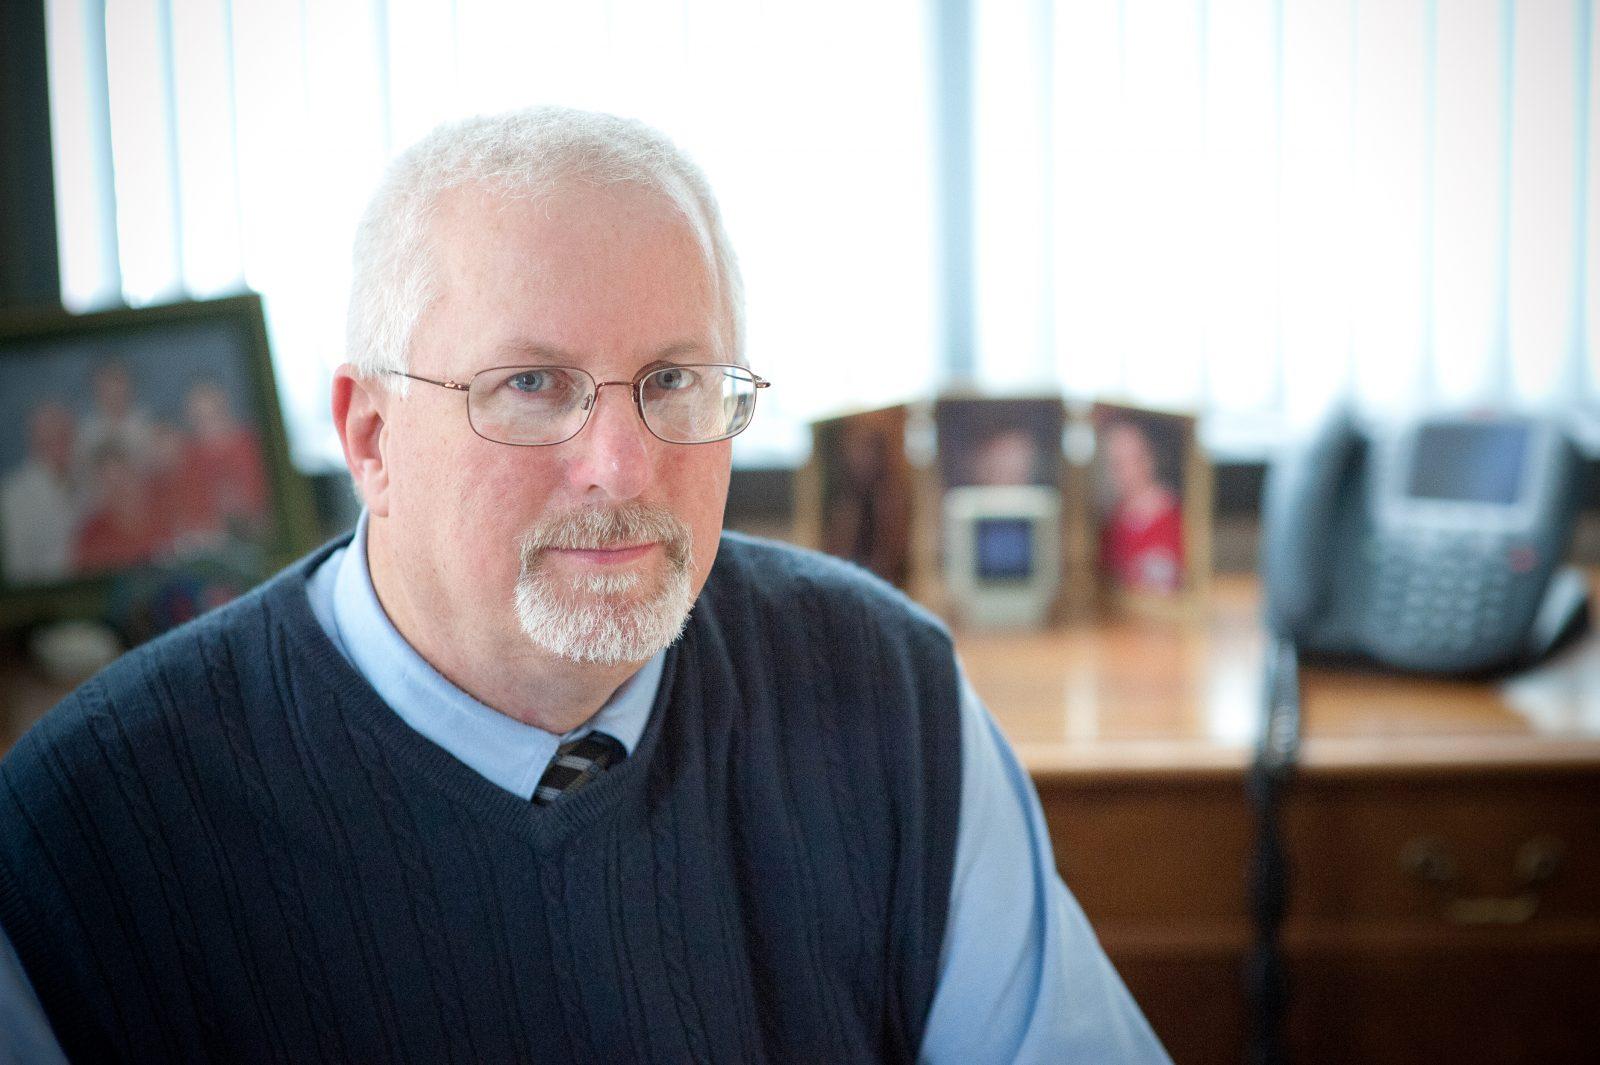 Richard Provaznik